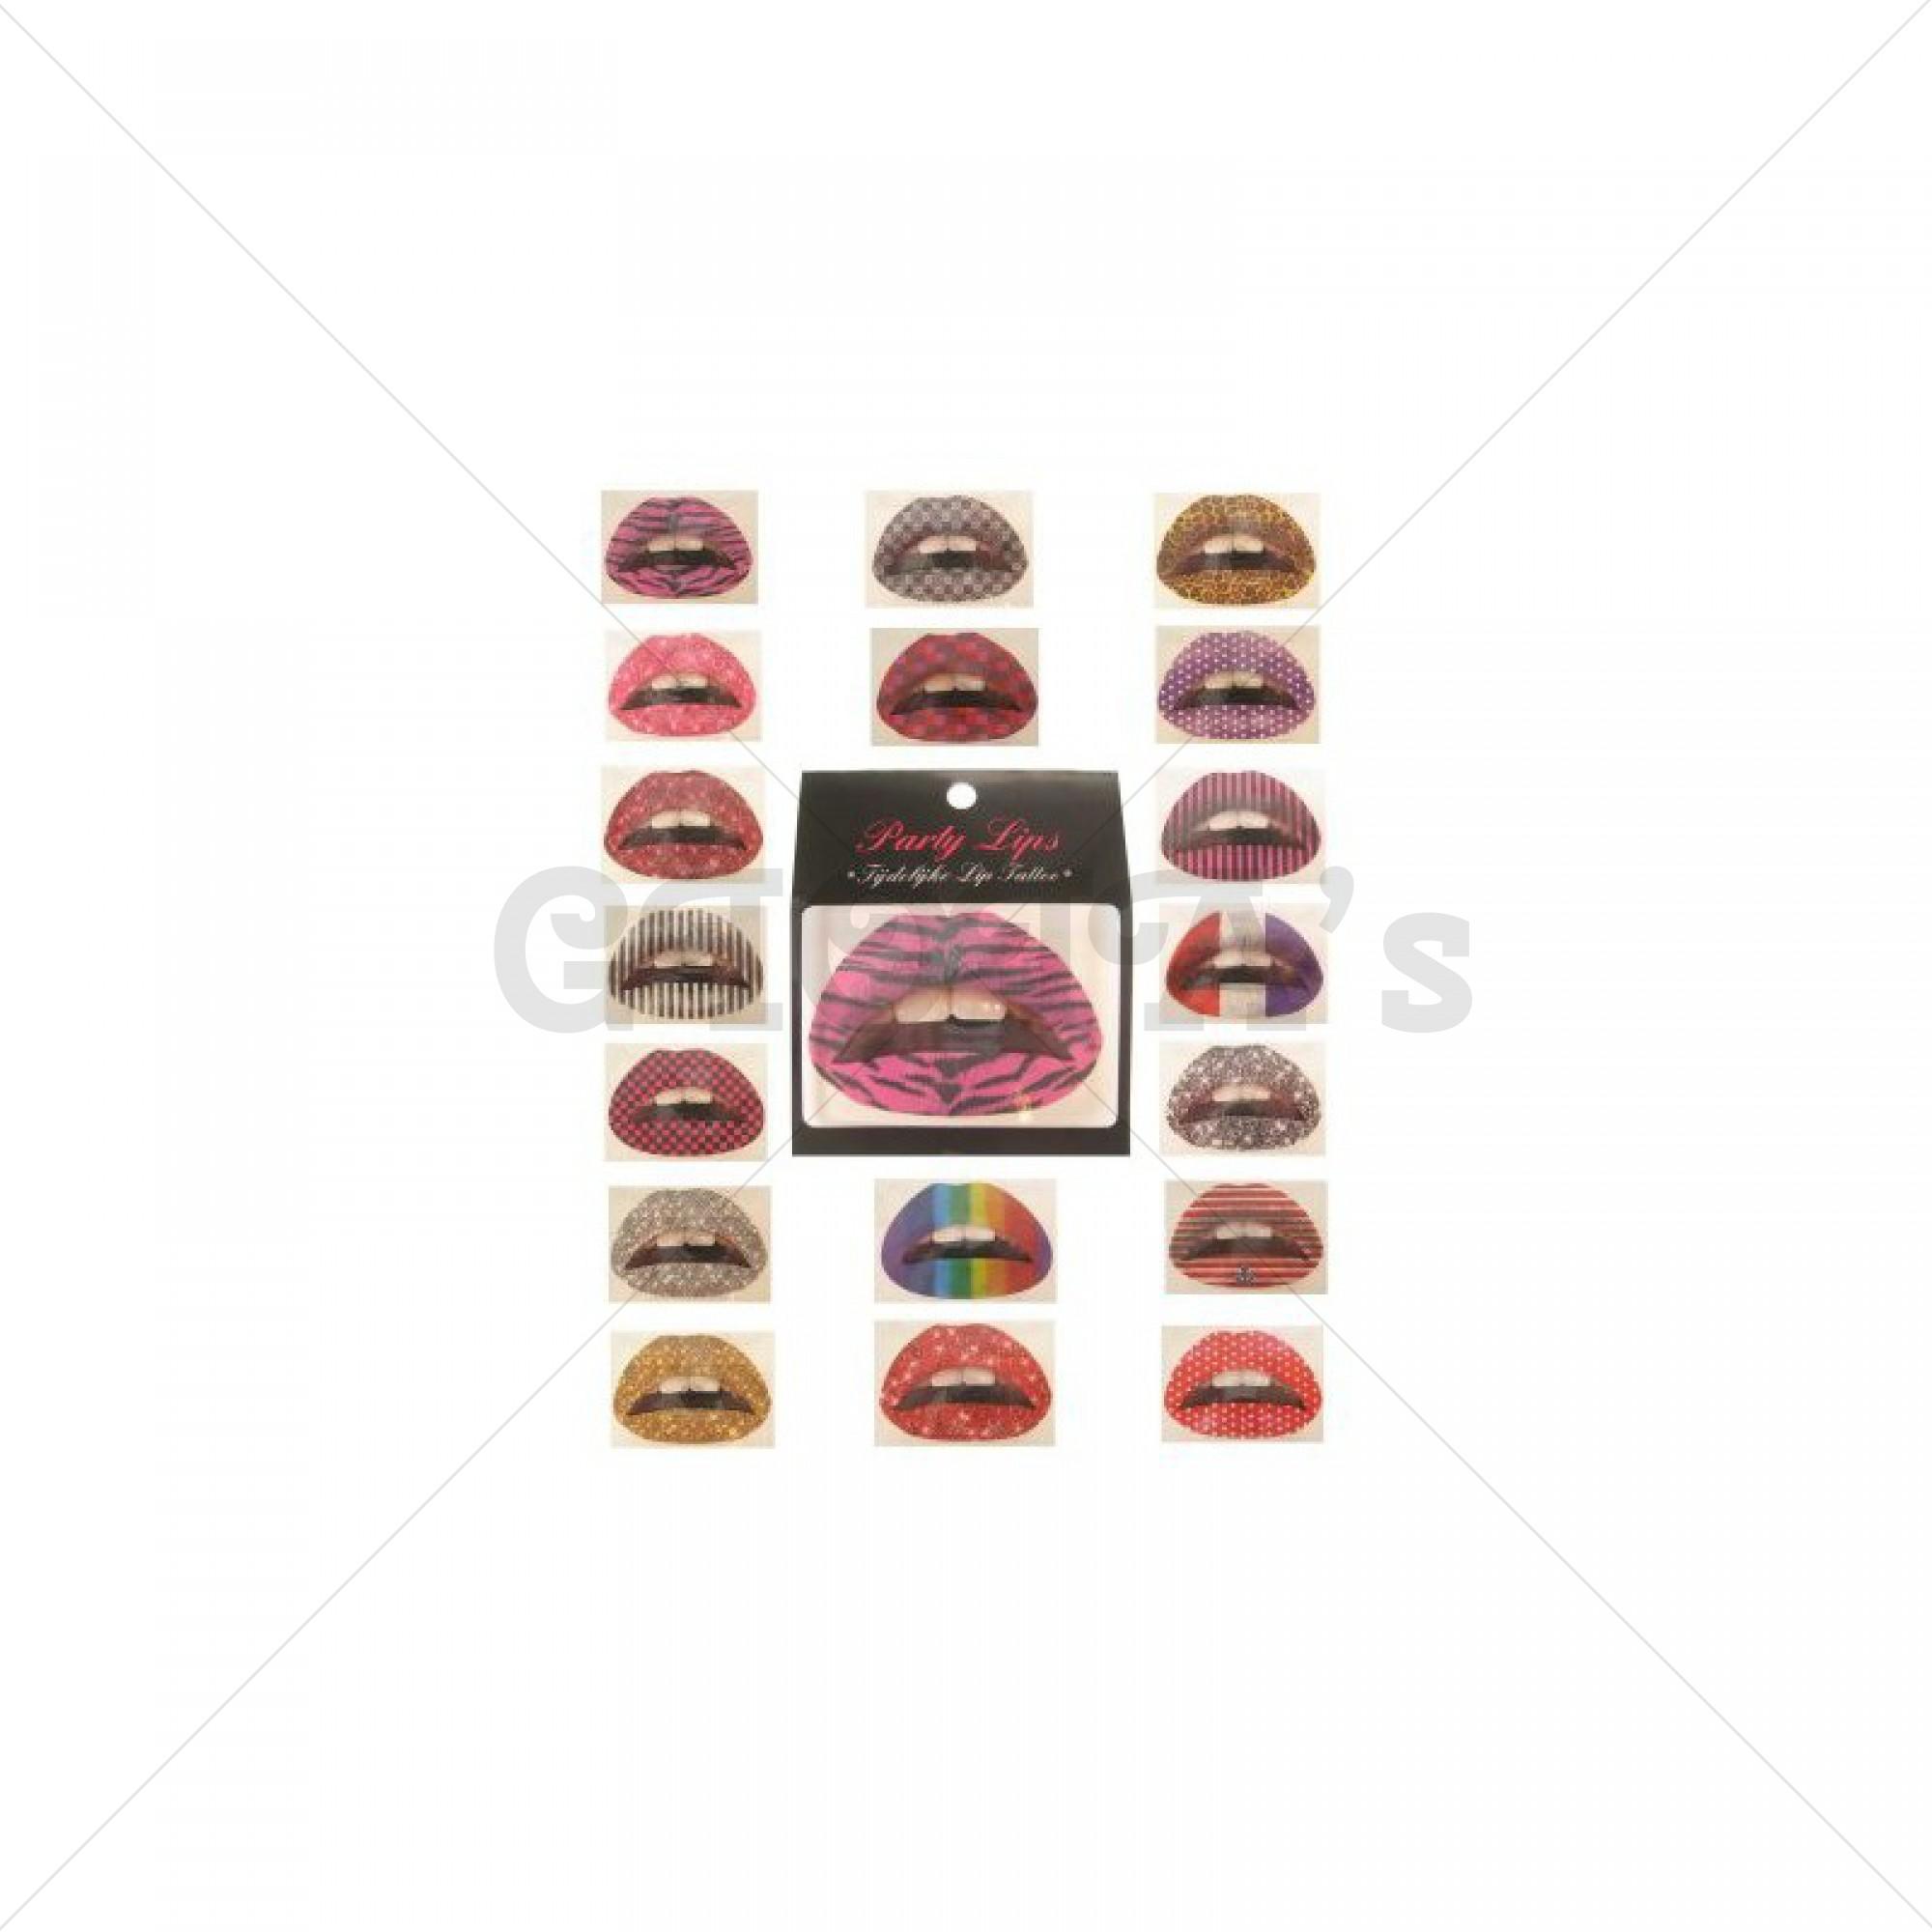 Lip tattoo party lips prijs per stuk.